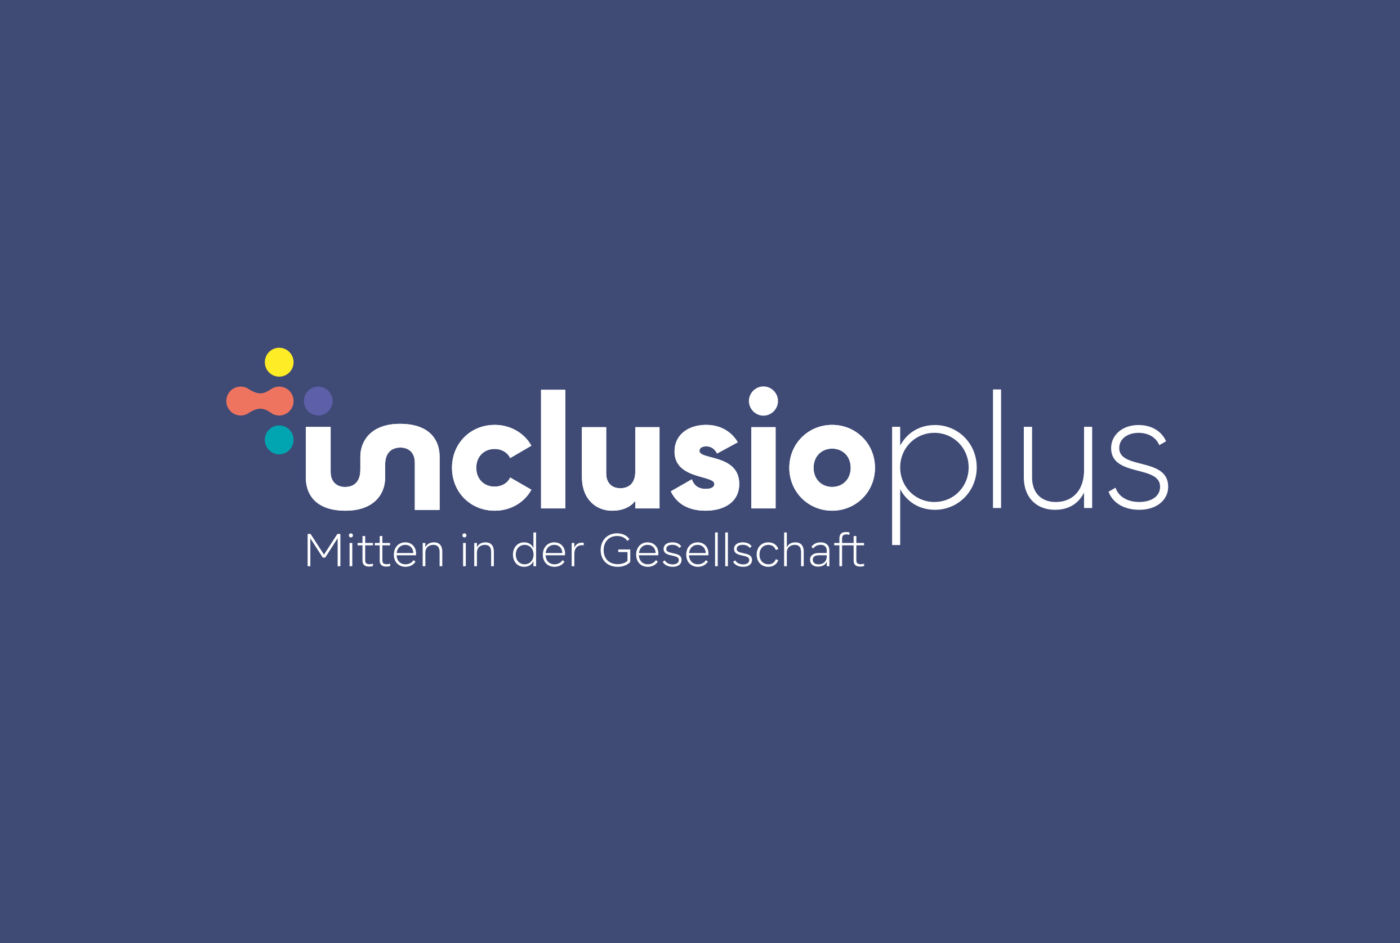   inclusioplus News & Veranstaltungen · Arbeiten und Wohnen mitten in der Gesellschaft